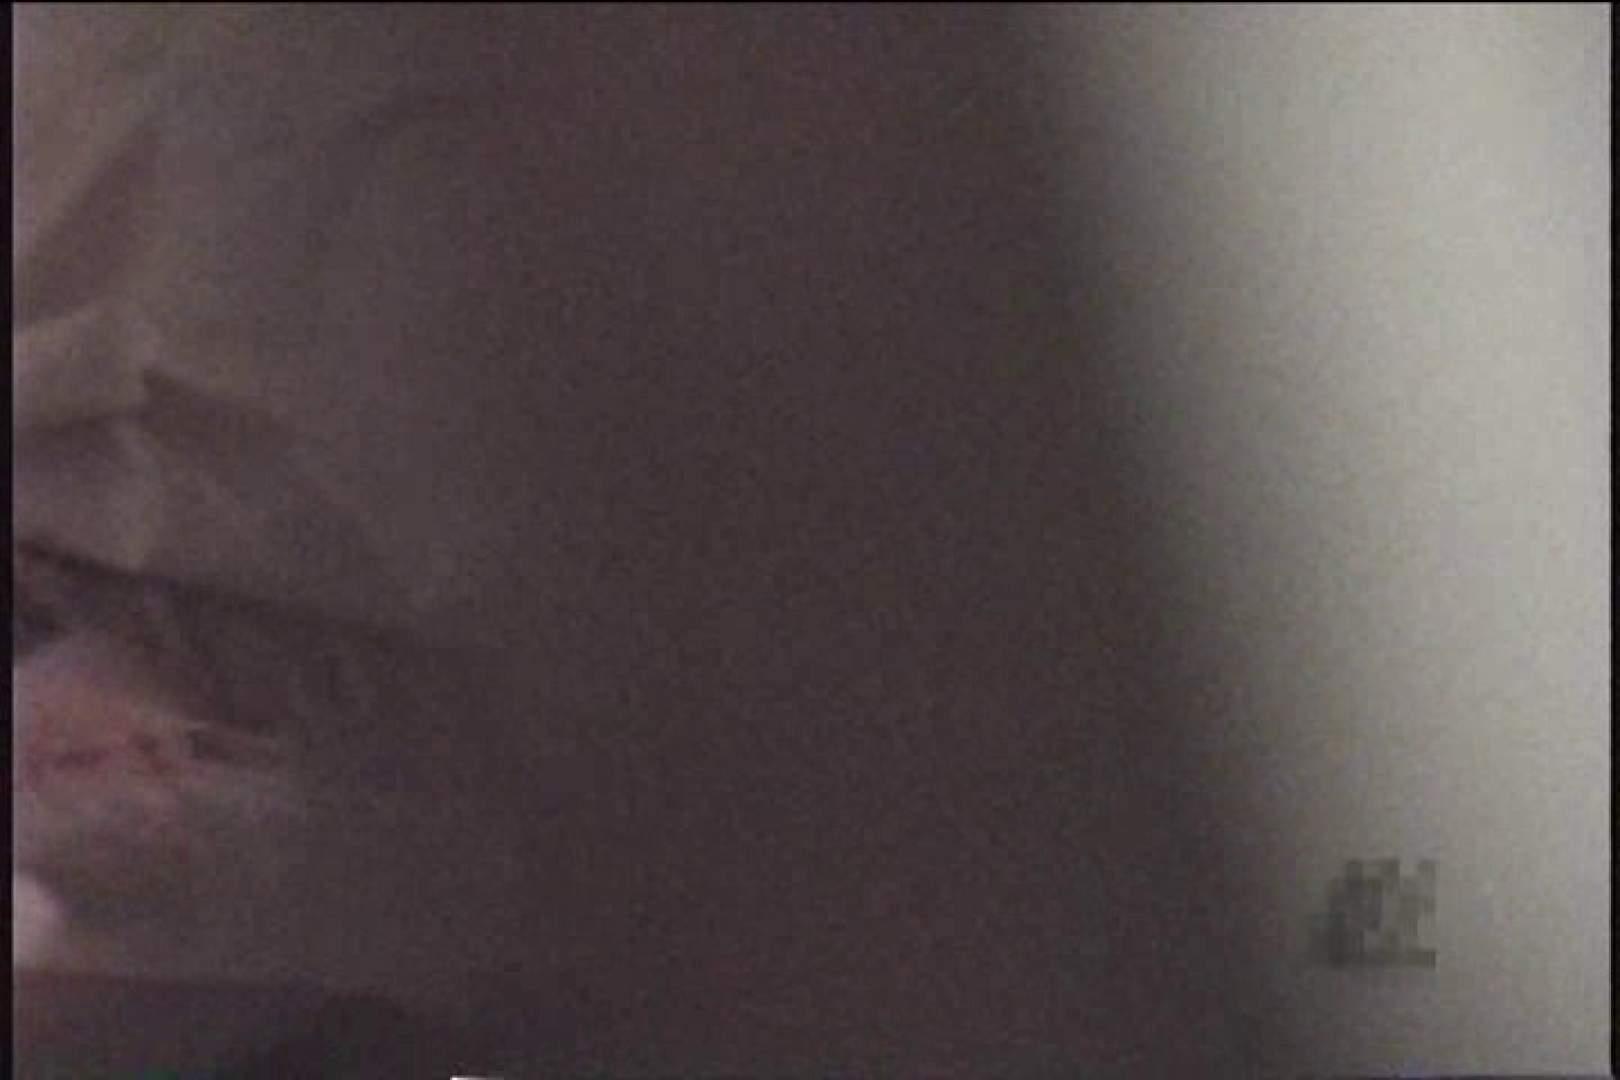 暗躍する夜這い師達Vol.6 OLすけべ画像 アダルト動画キャプチャ 47連発 47